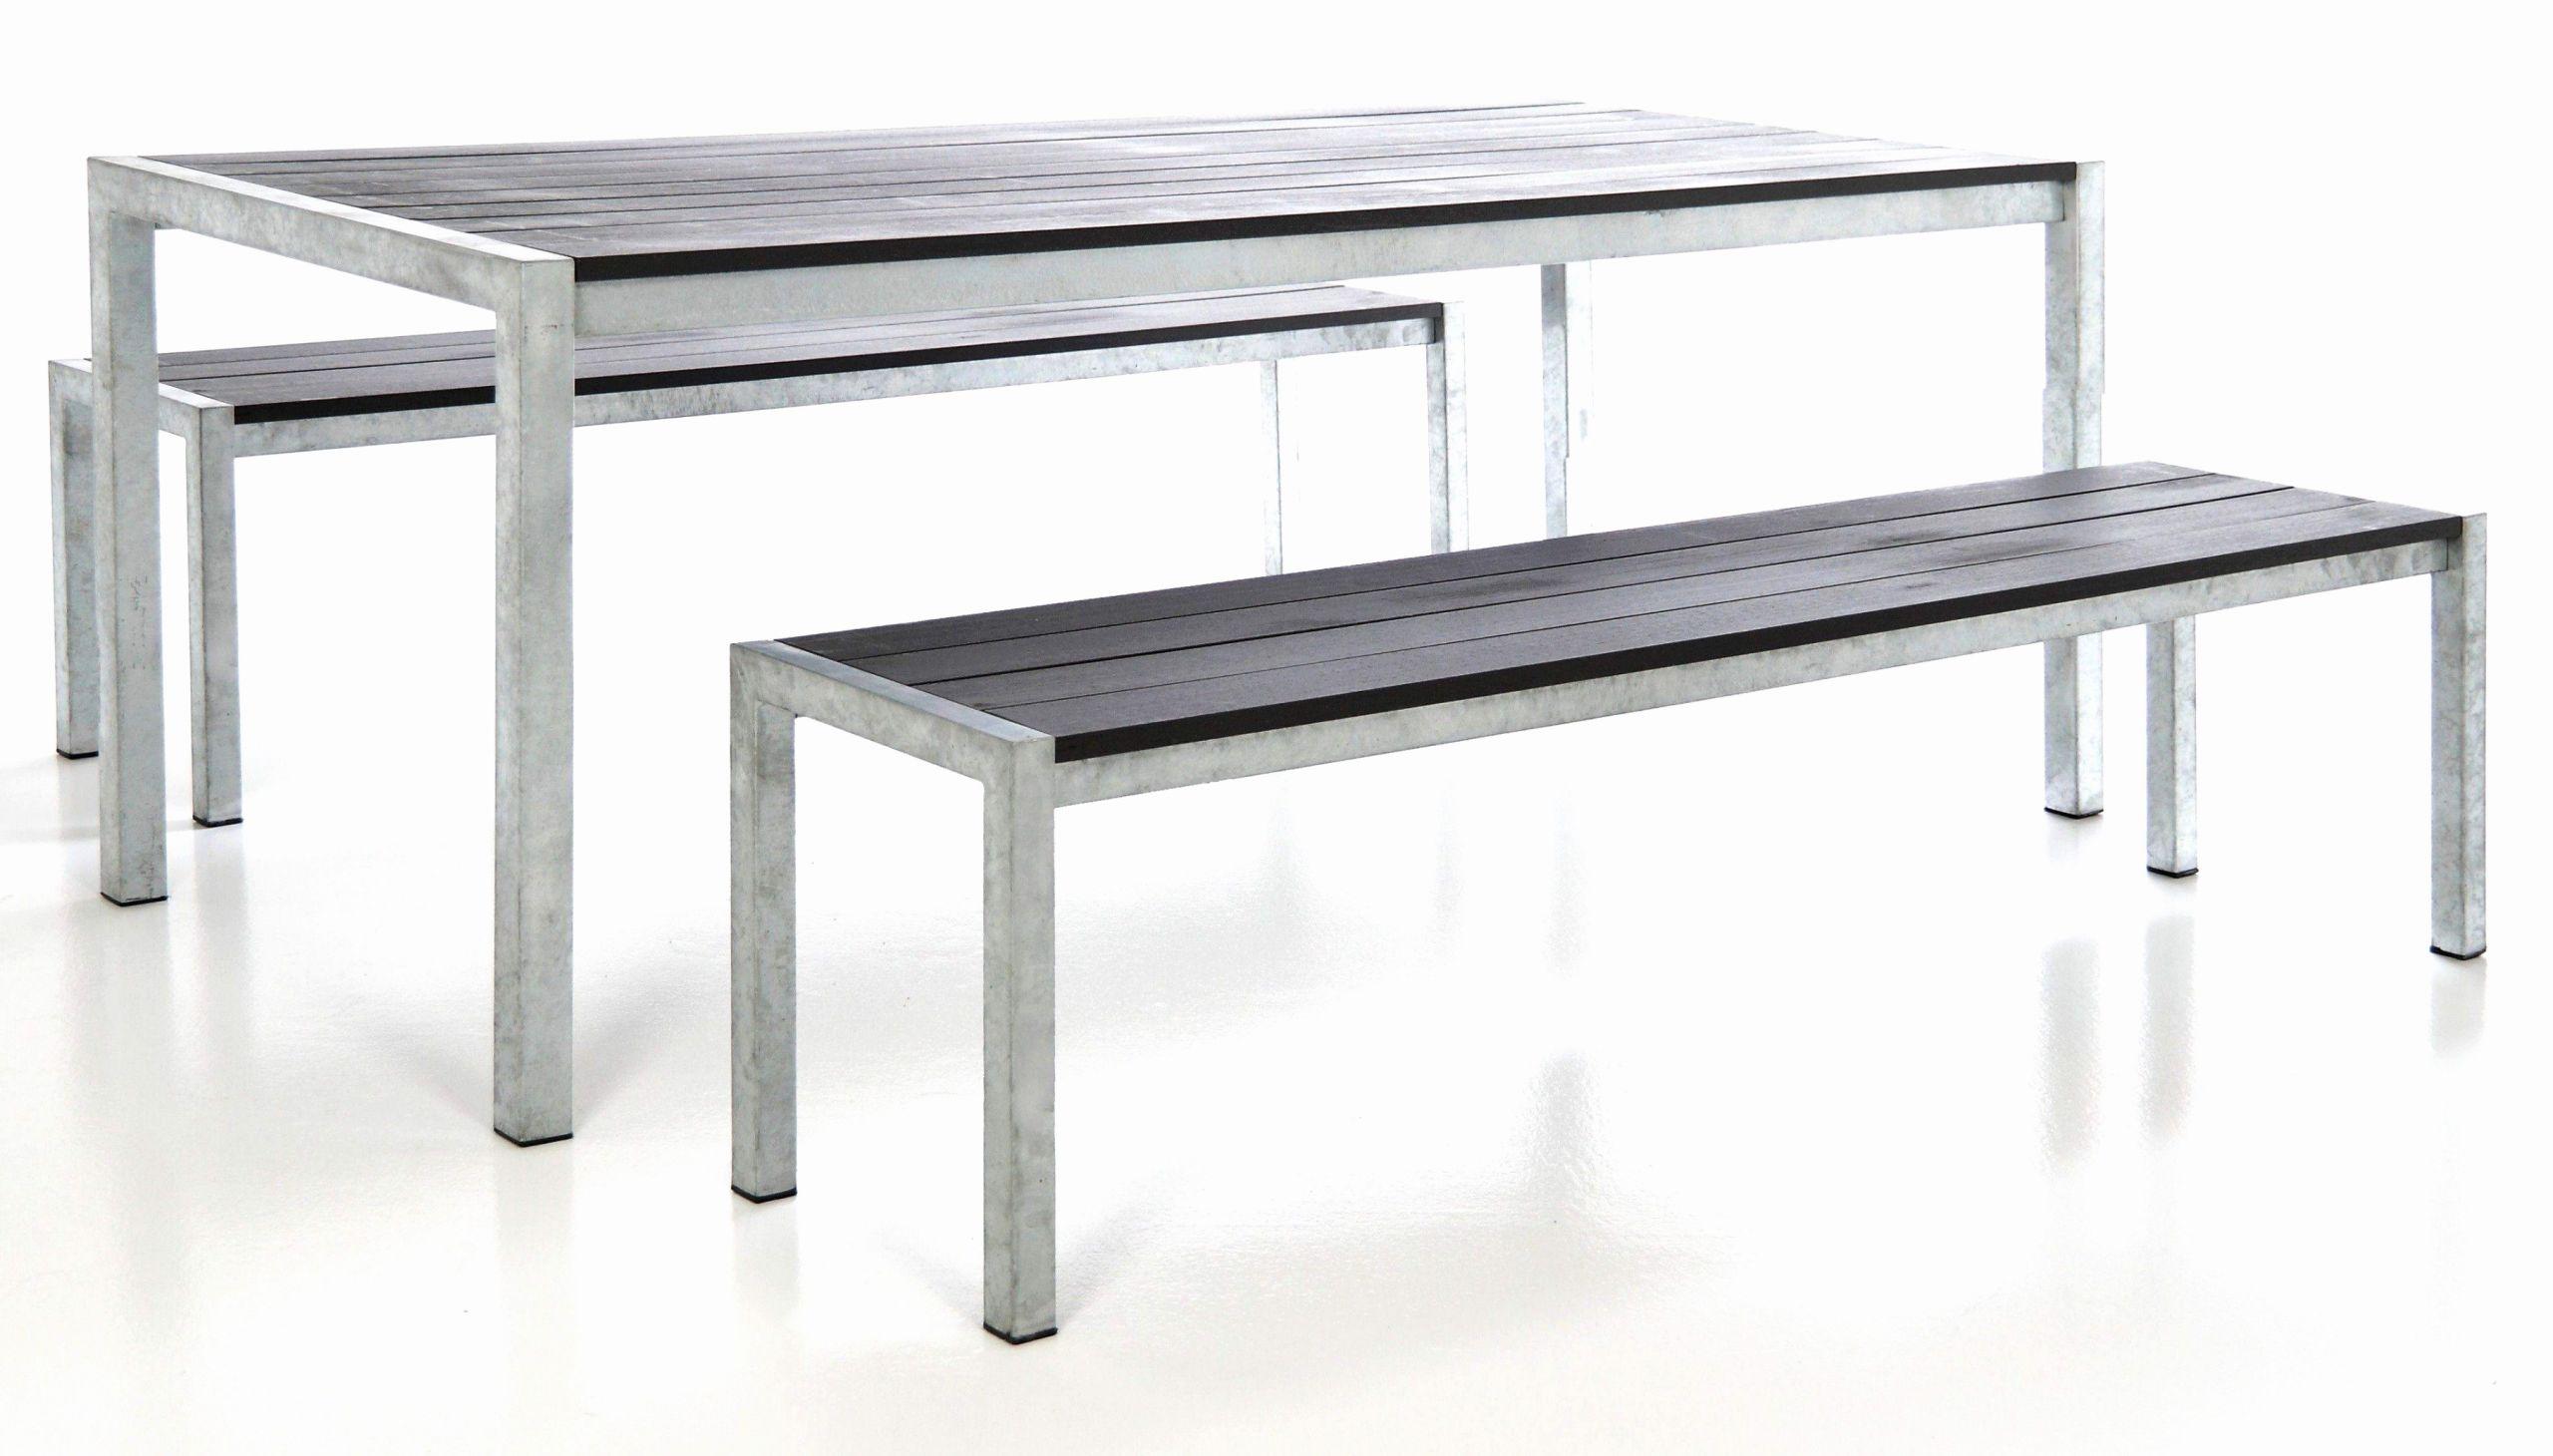 Table Bois Metal Exterieur 26 Élégant table ronde exterieur | salon jardin